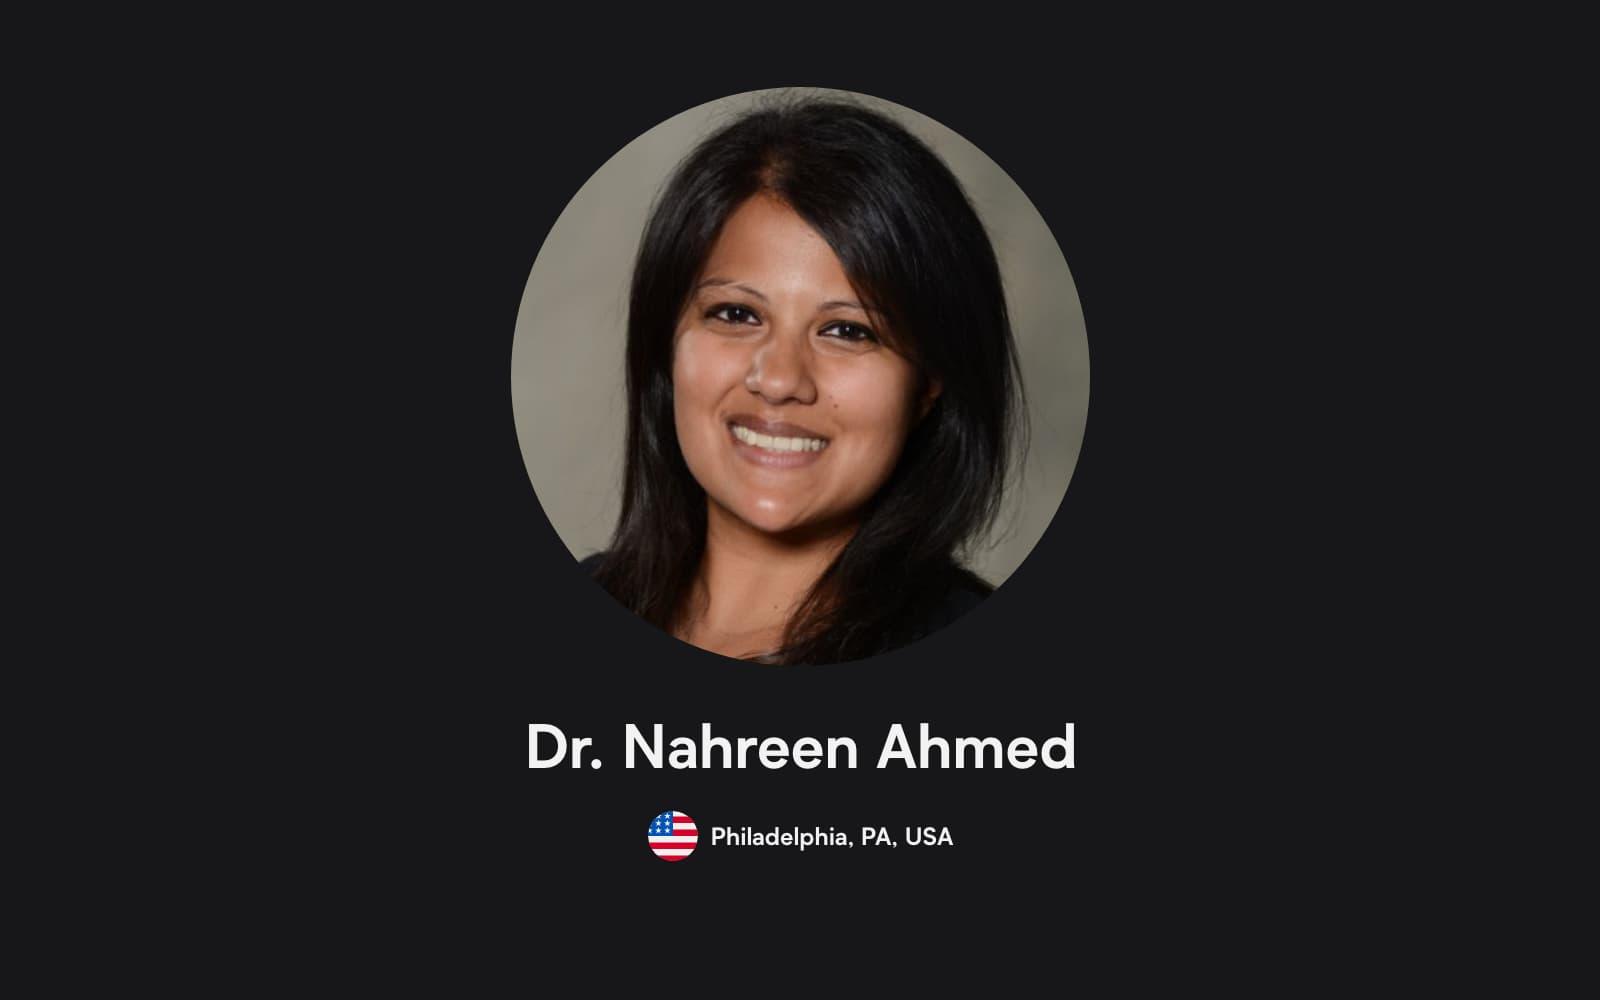 Dr. Nahreen Ahmed